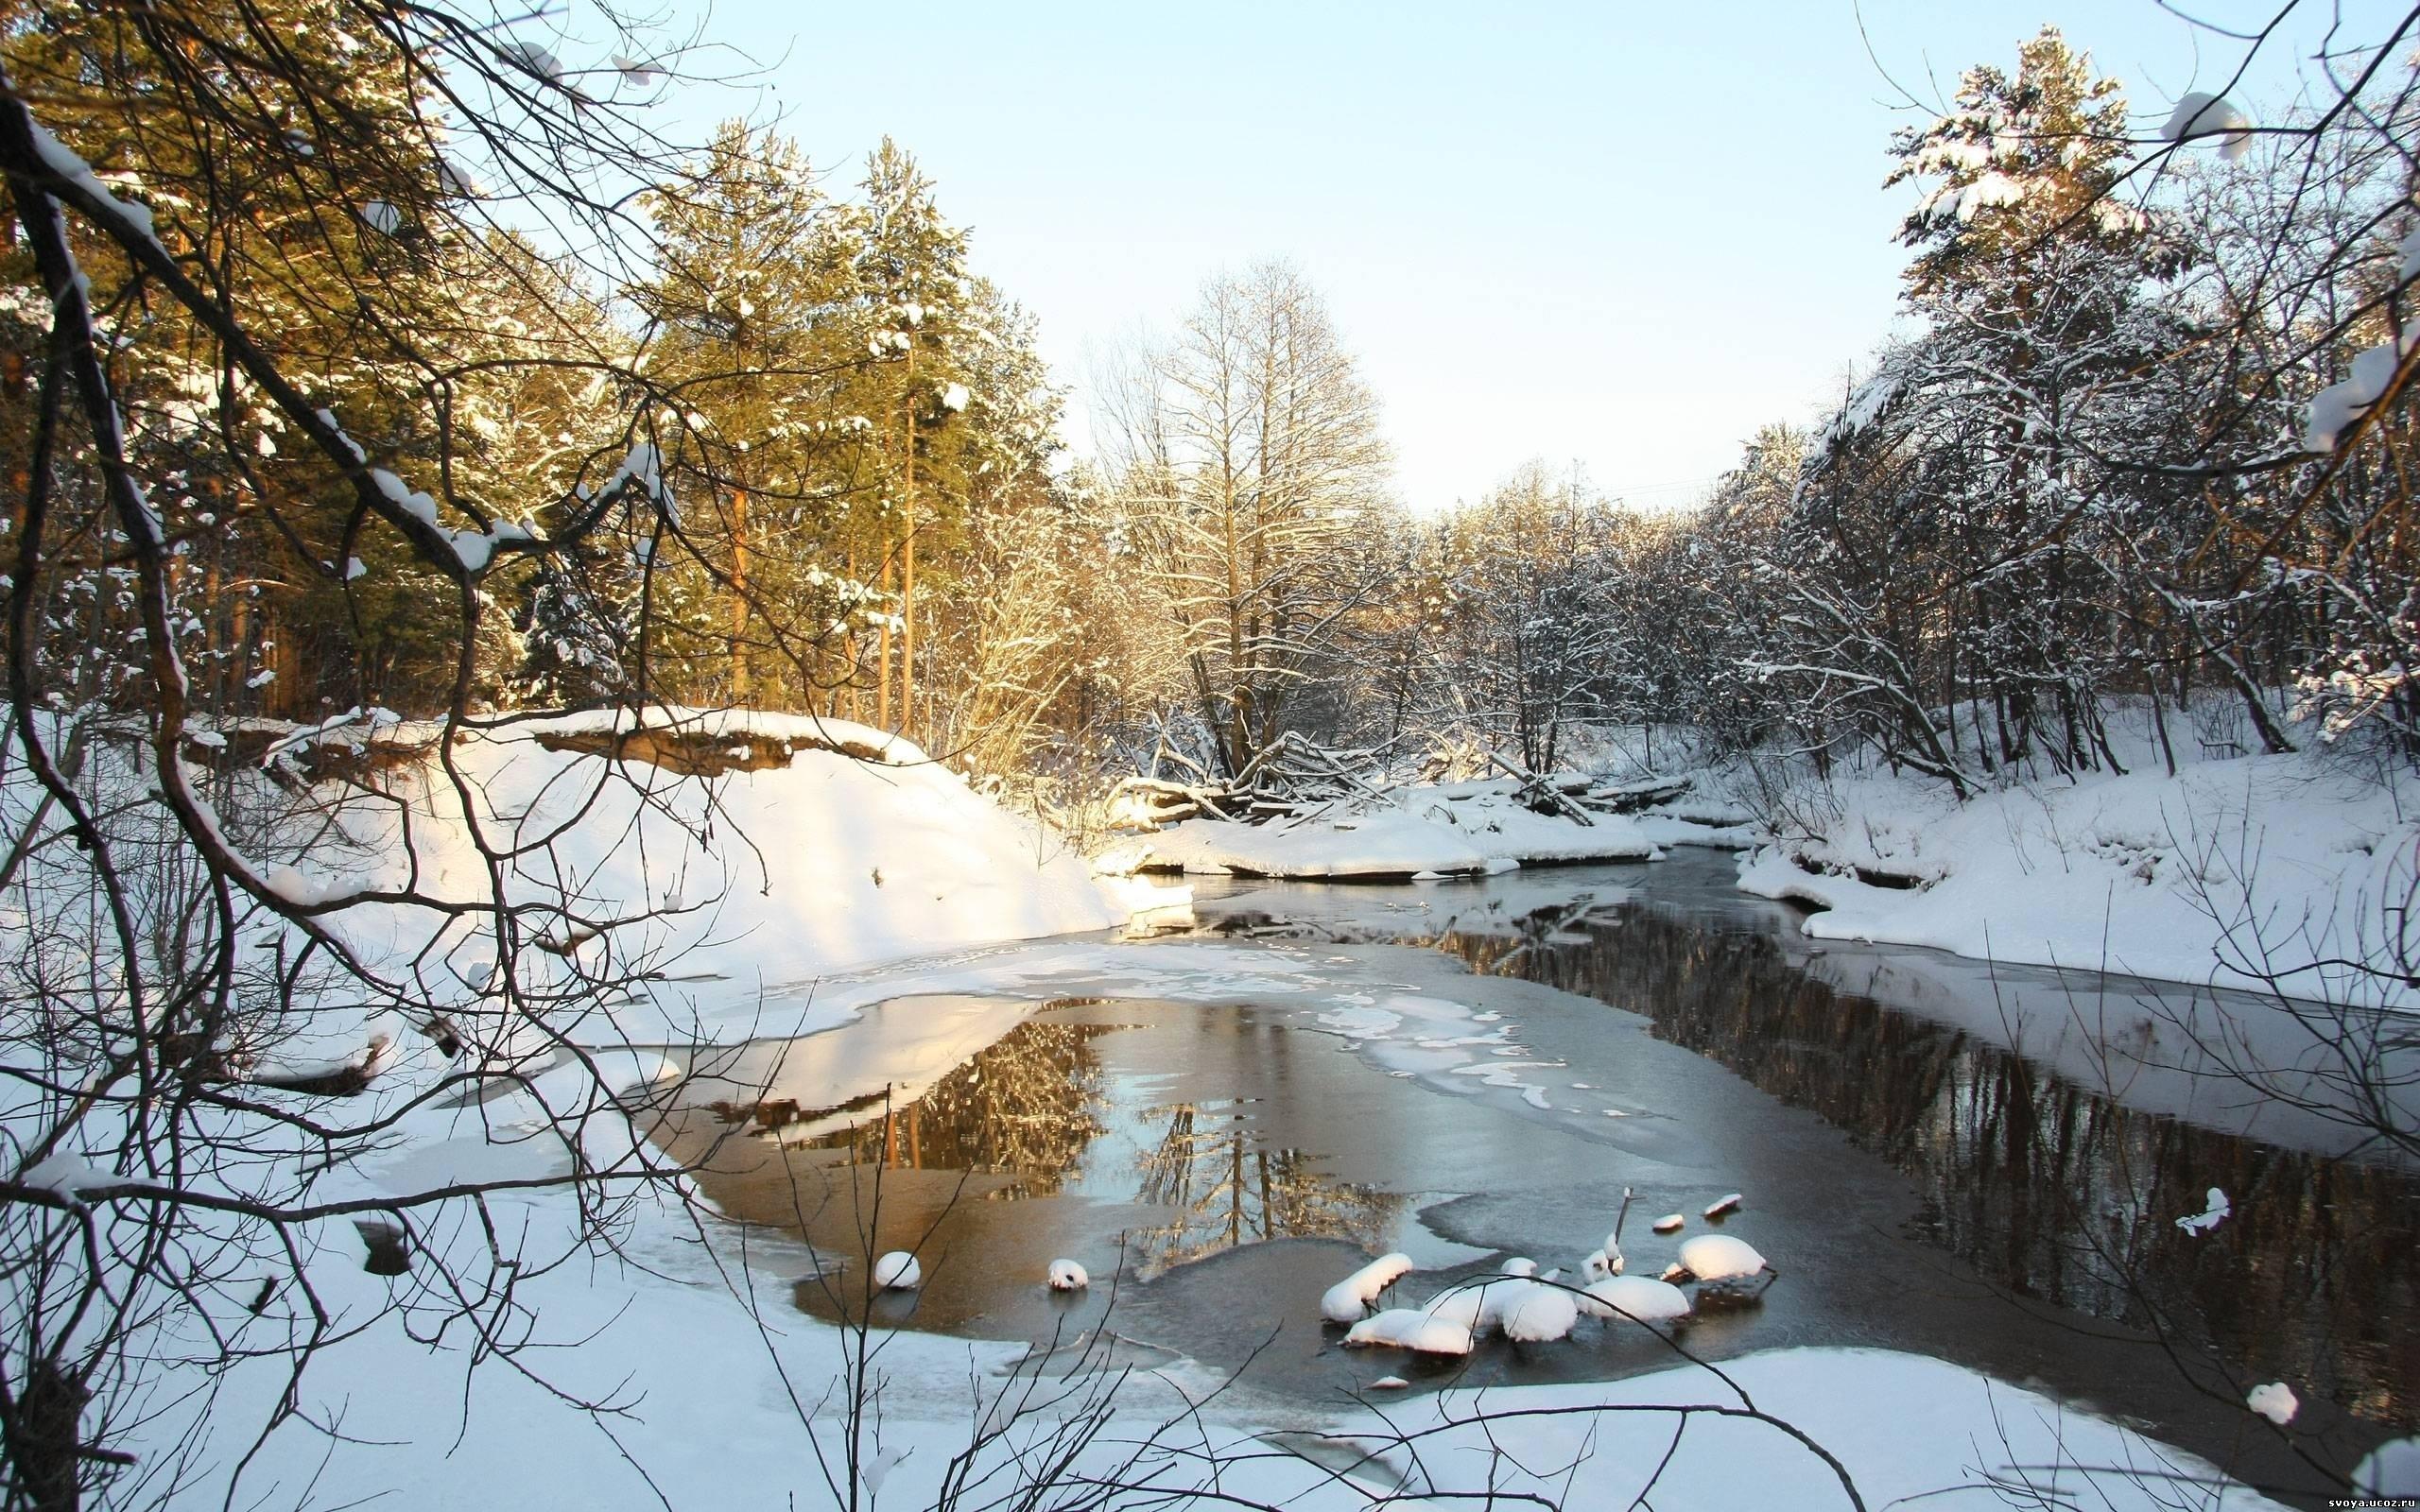 natur b ume schnee im winter 2560x1600 hd hintergrundbilder hd bild. Black Bedroom Furniture Sets. Home Design Ideas